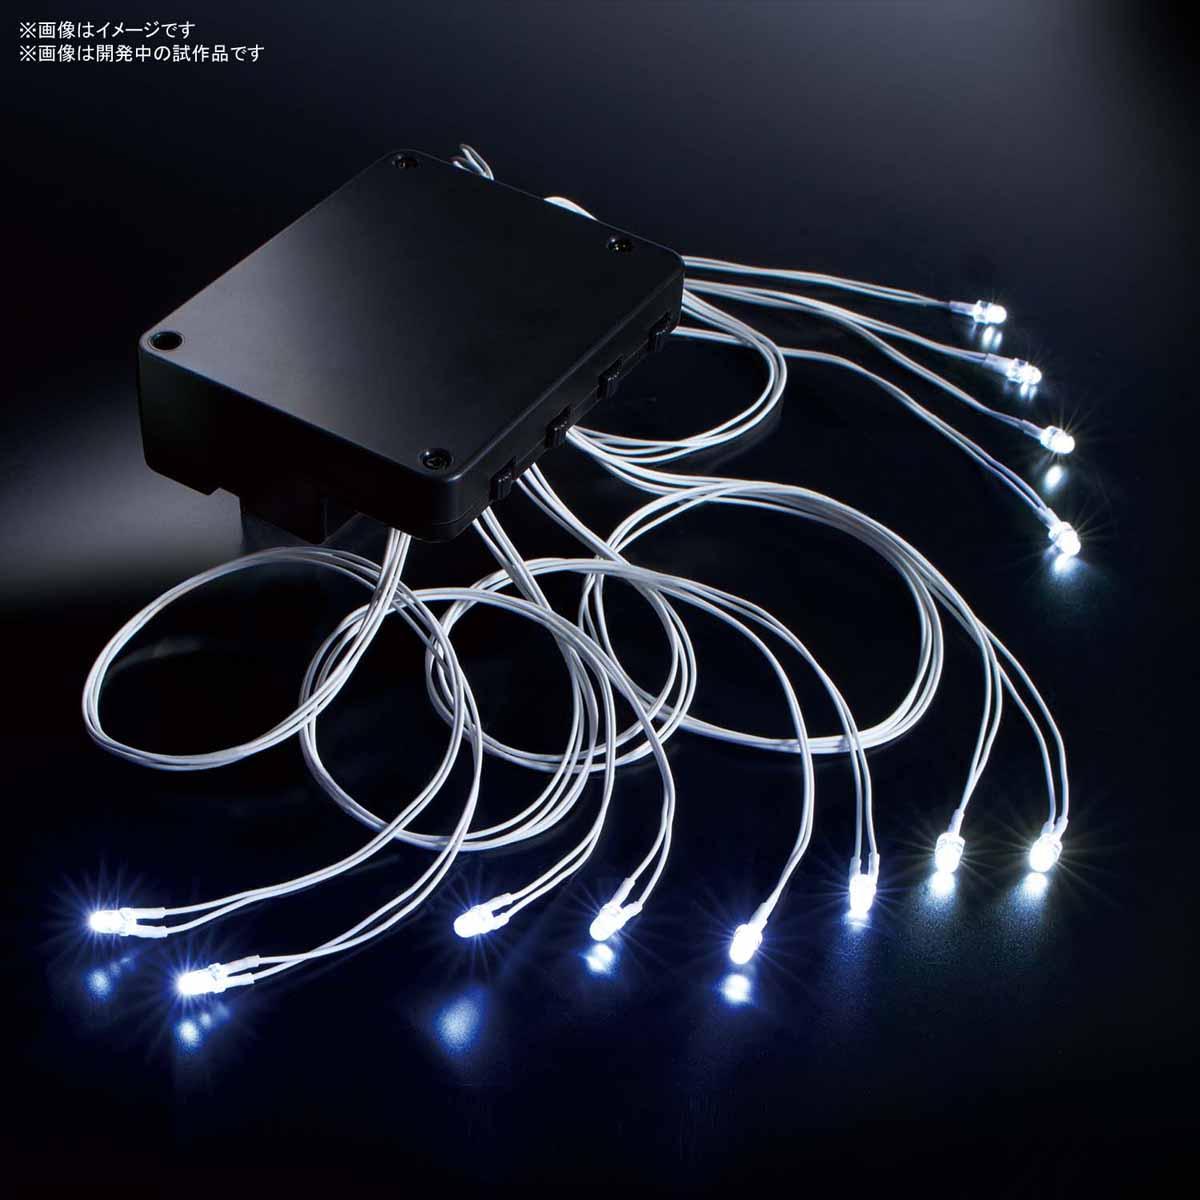 LEDユニット (白) 12灯式【バンダイスピリッツ】